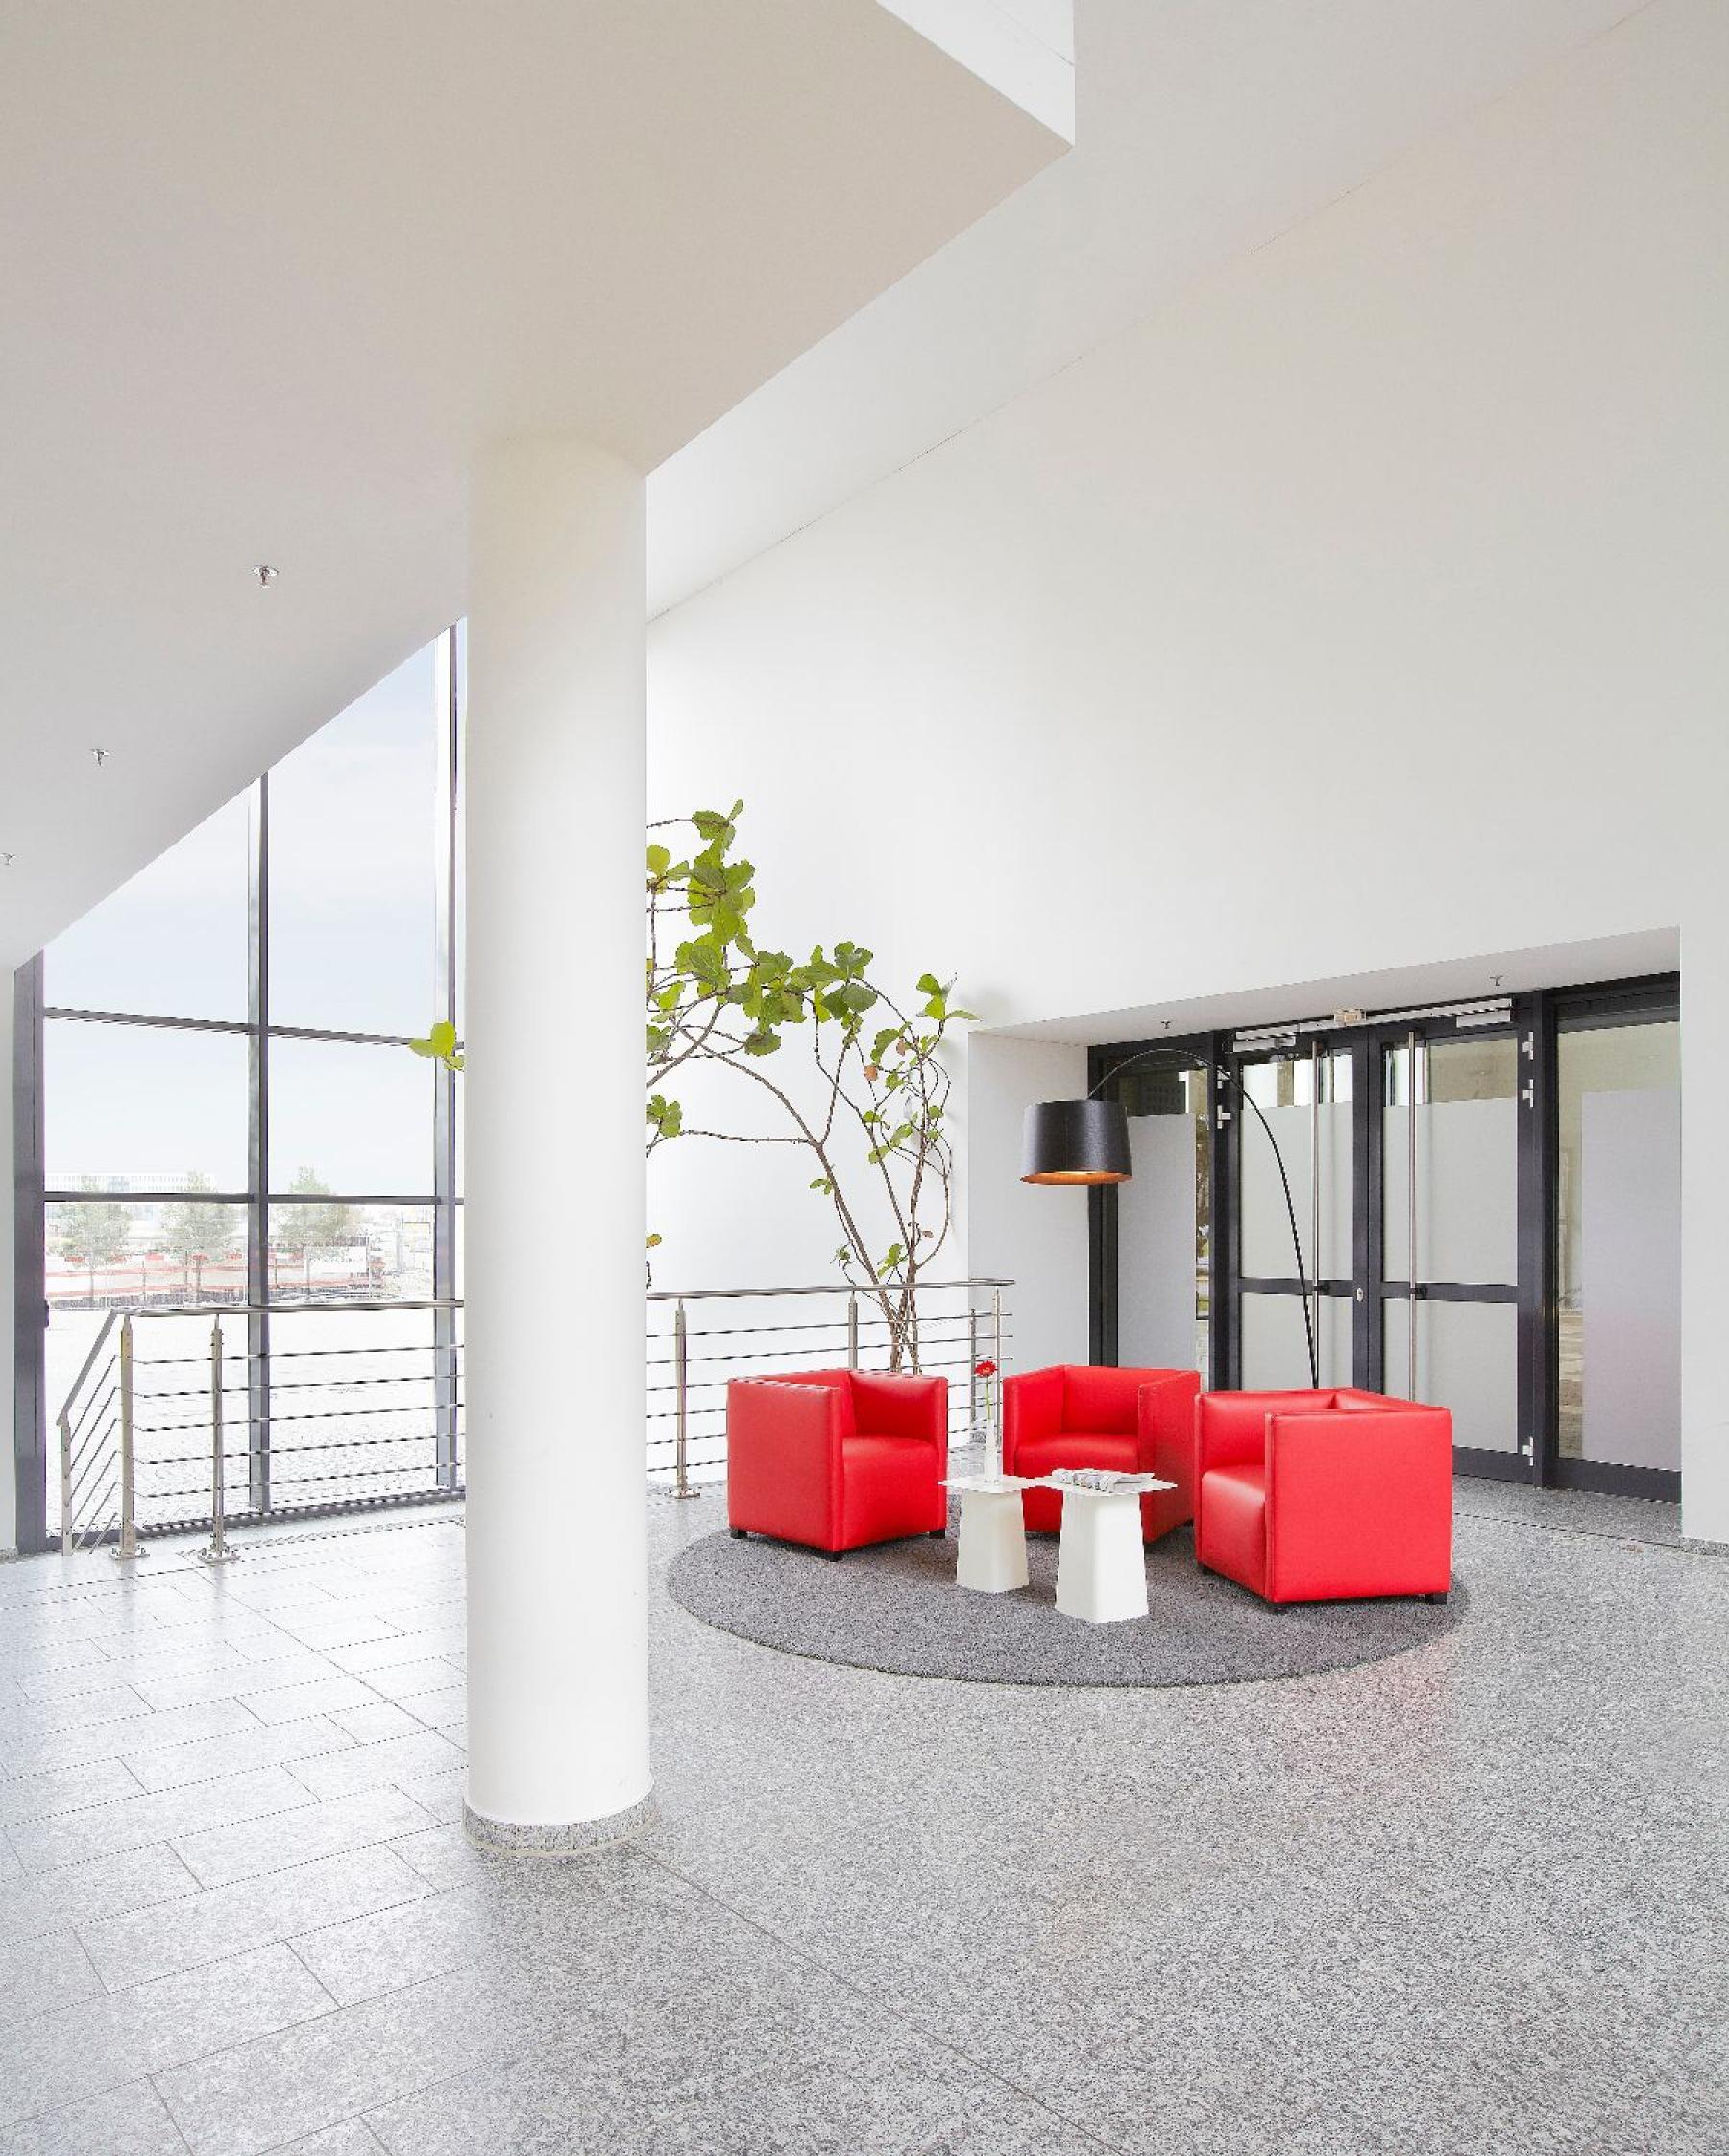 Hochwertige Büroimmobilien mieten in München Riem am Konrad-Zuse-Platz